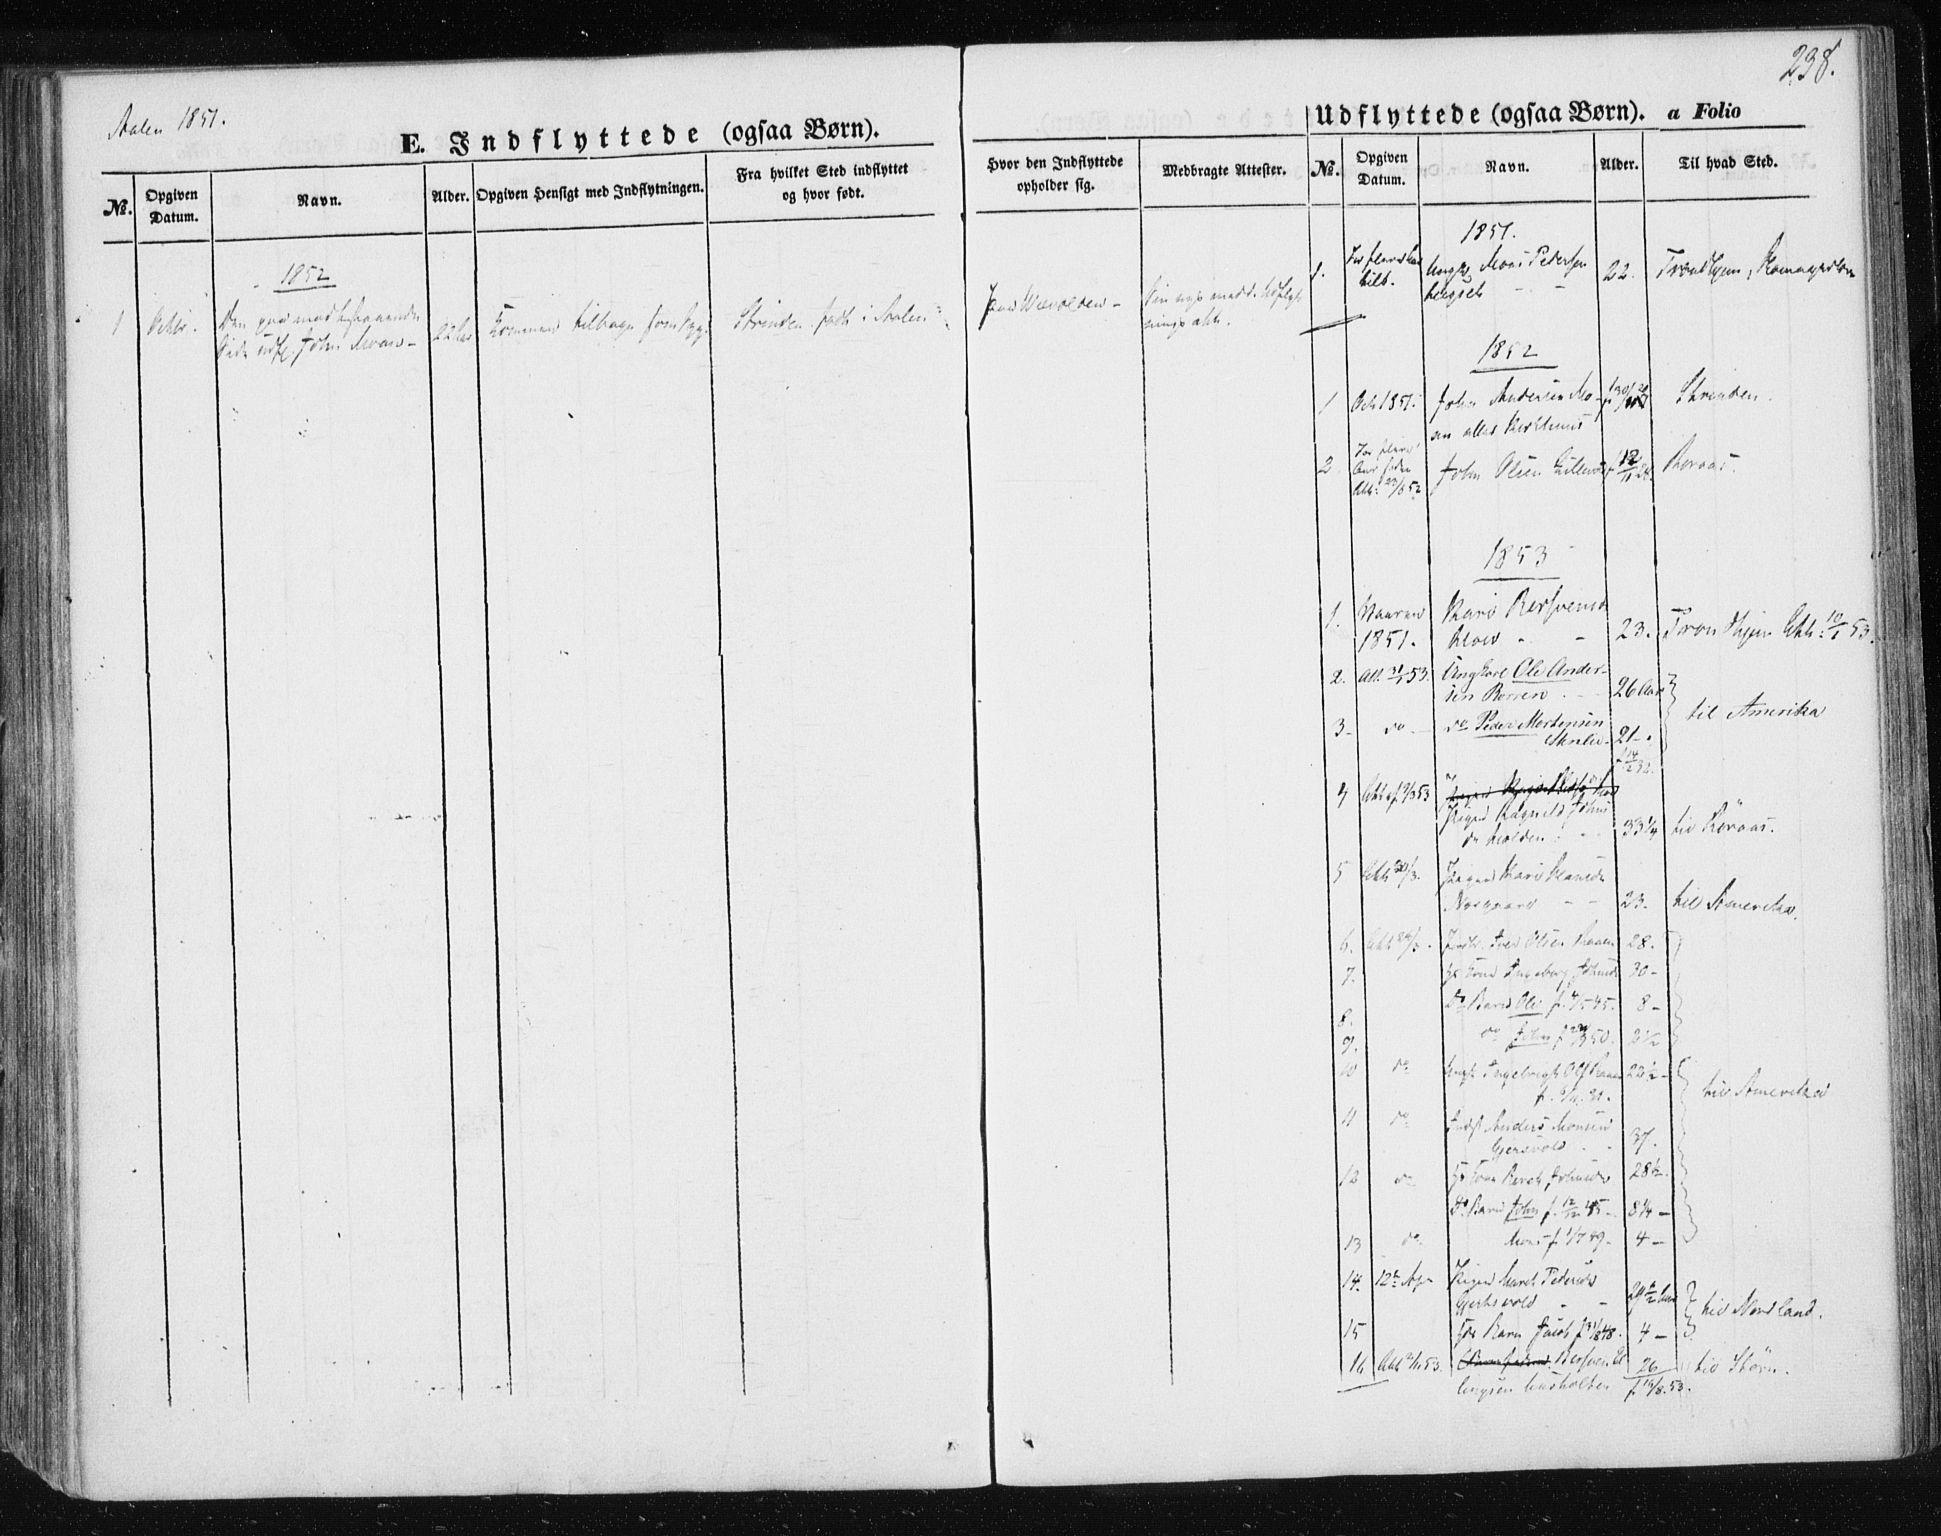 SAT, Ministerialprotokoller, klokkerbøker og fødselsregistre - Sør-Trøndelag, 685/L0965: Ministerialbok nr. 685A06 /3, 1846-1859, s. 238